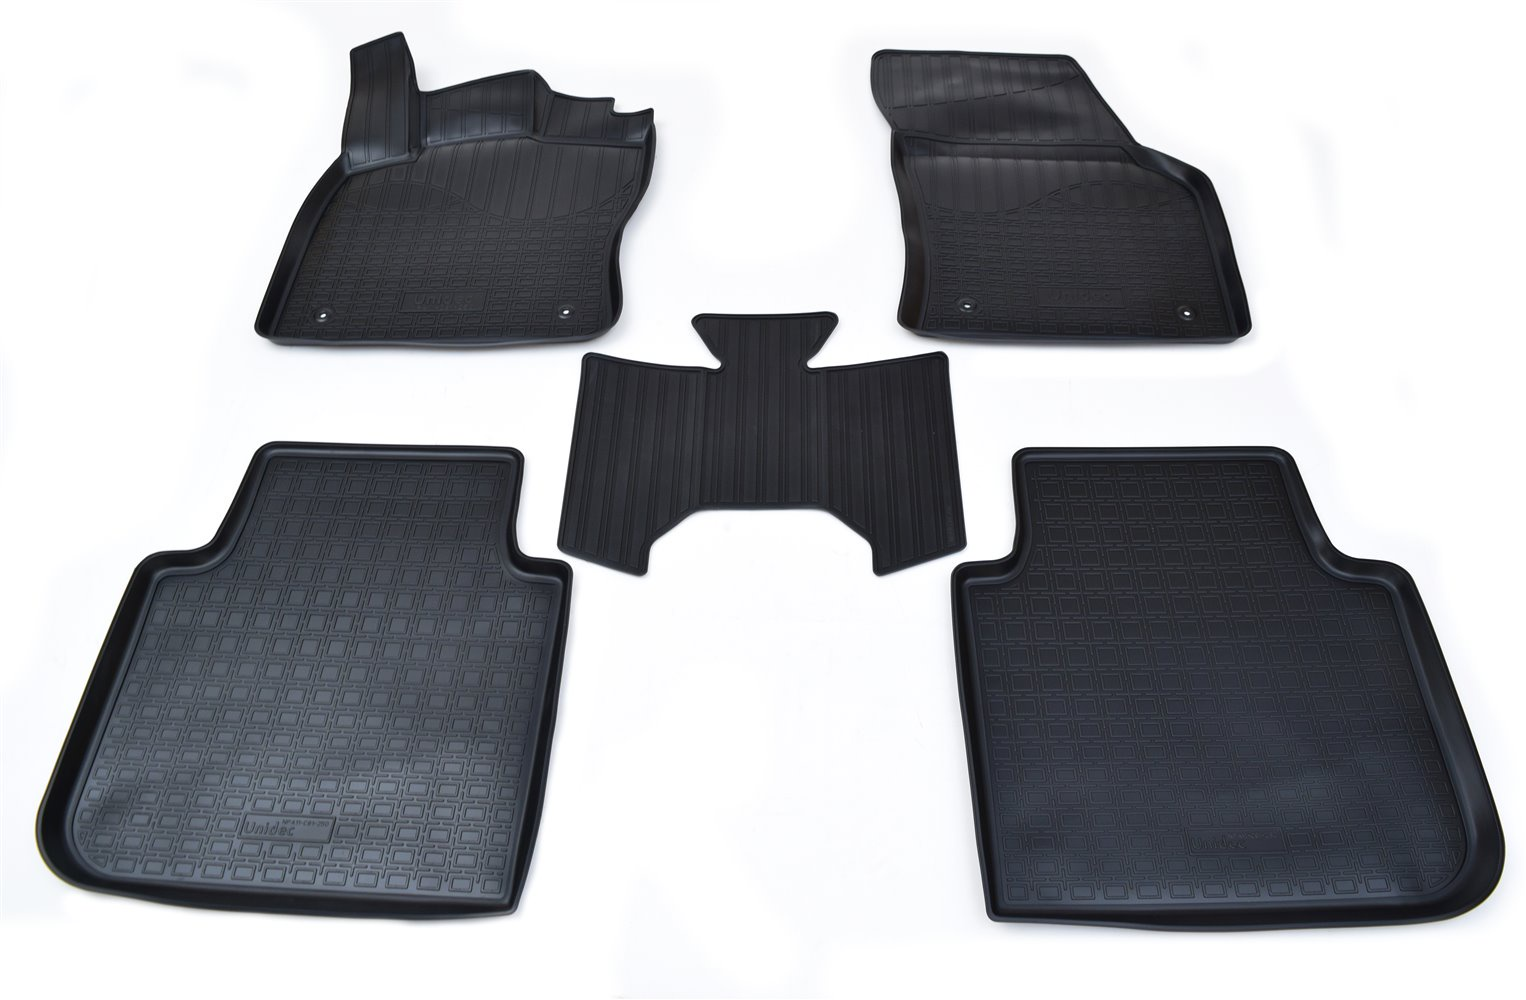 Коврики в салон автомобиля Norplast для Skoda Kodiaq 3D 2017, NPA11-C81-250, черный фильтр вентиляции салона для skoda kodiaq 2017